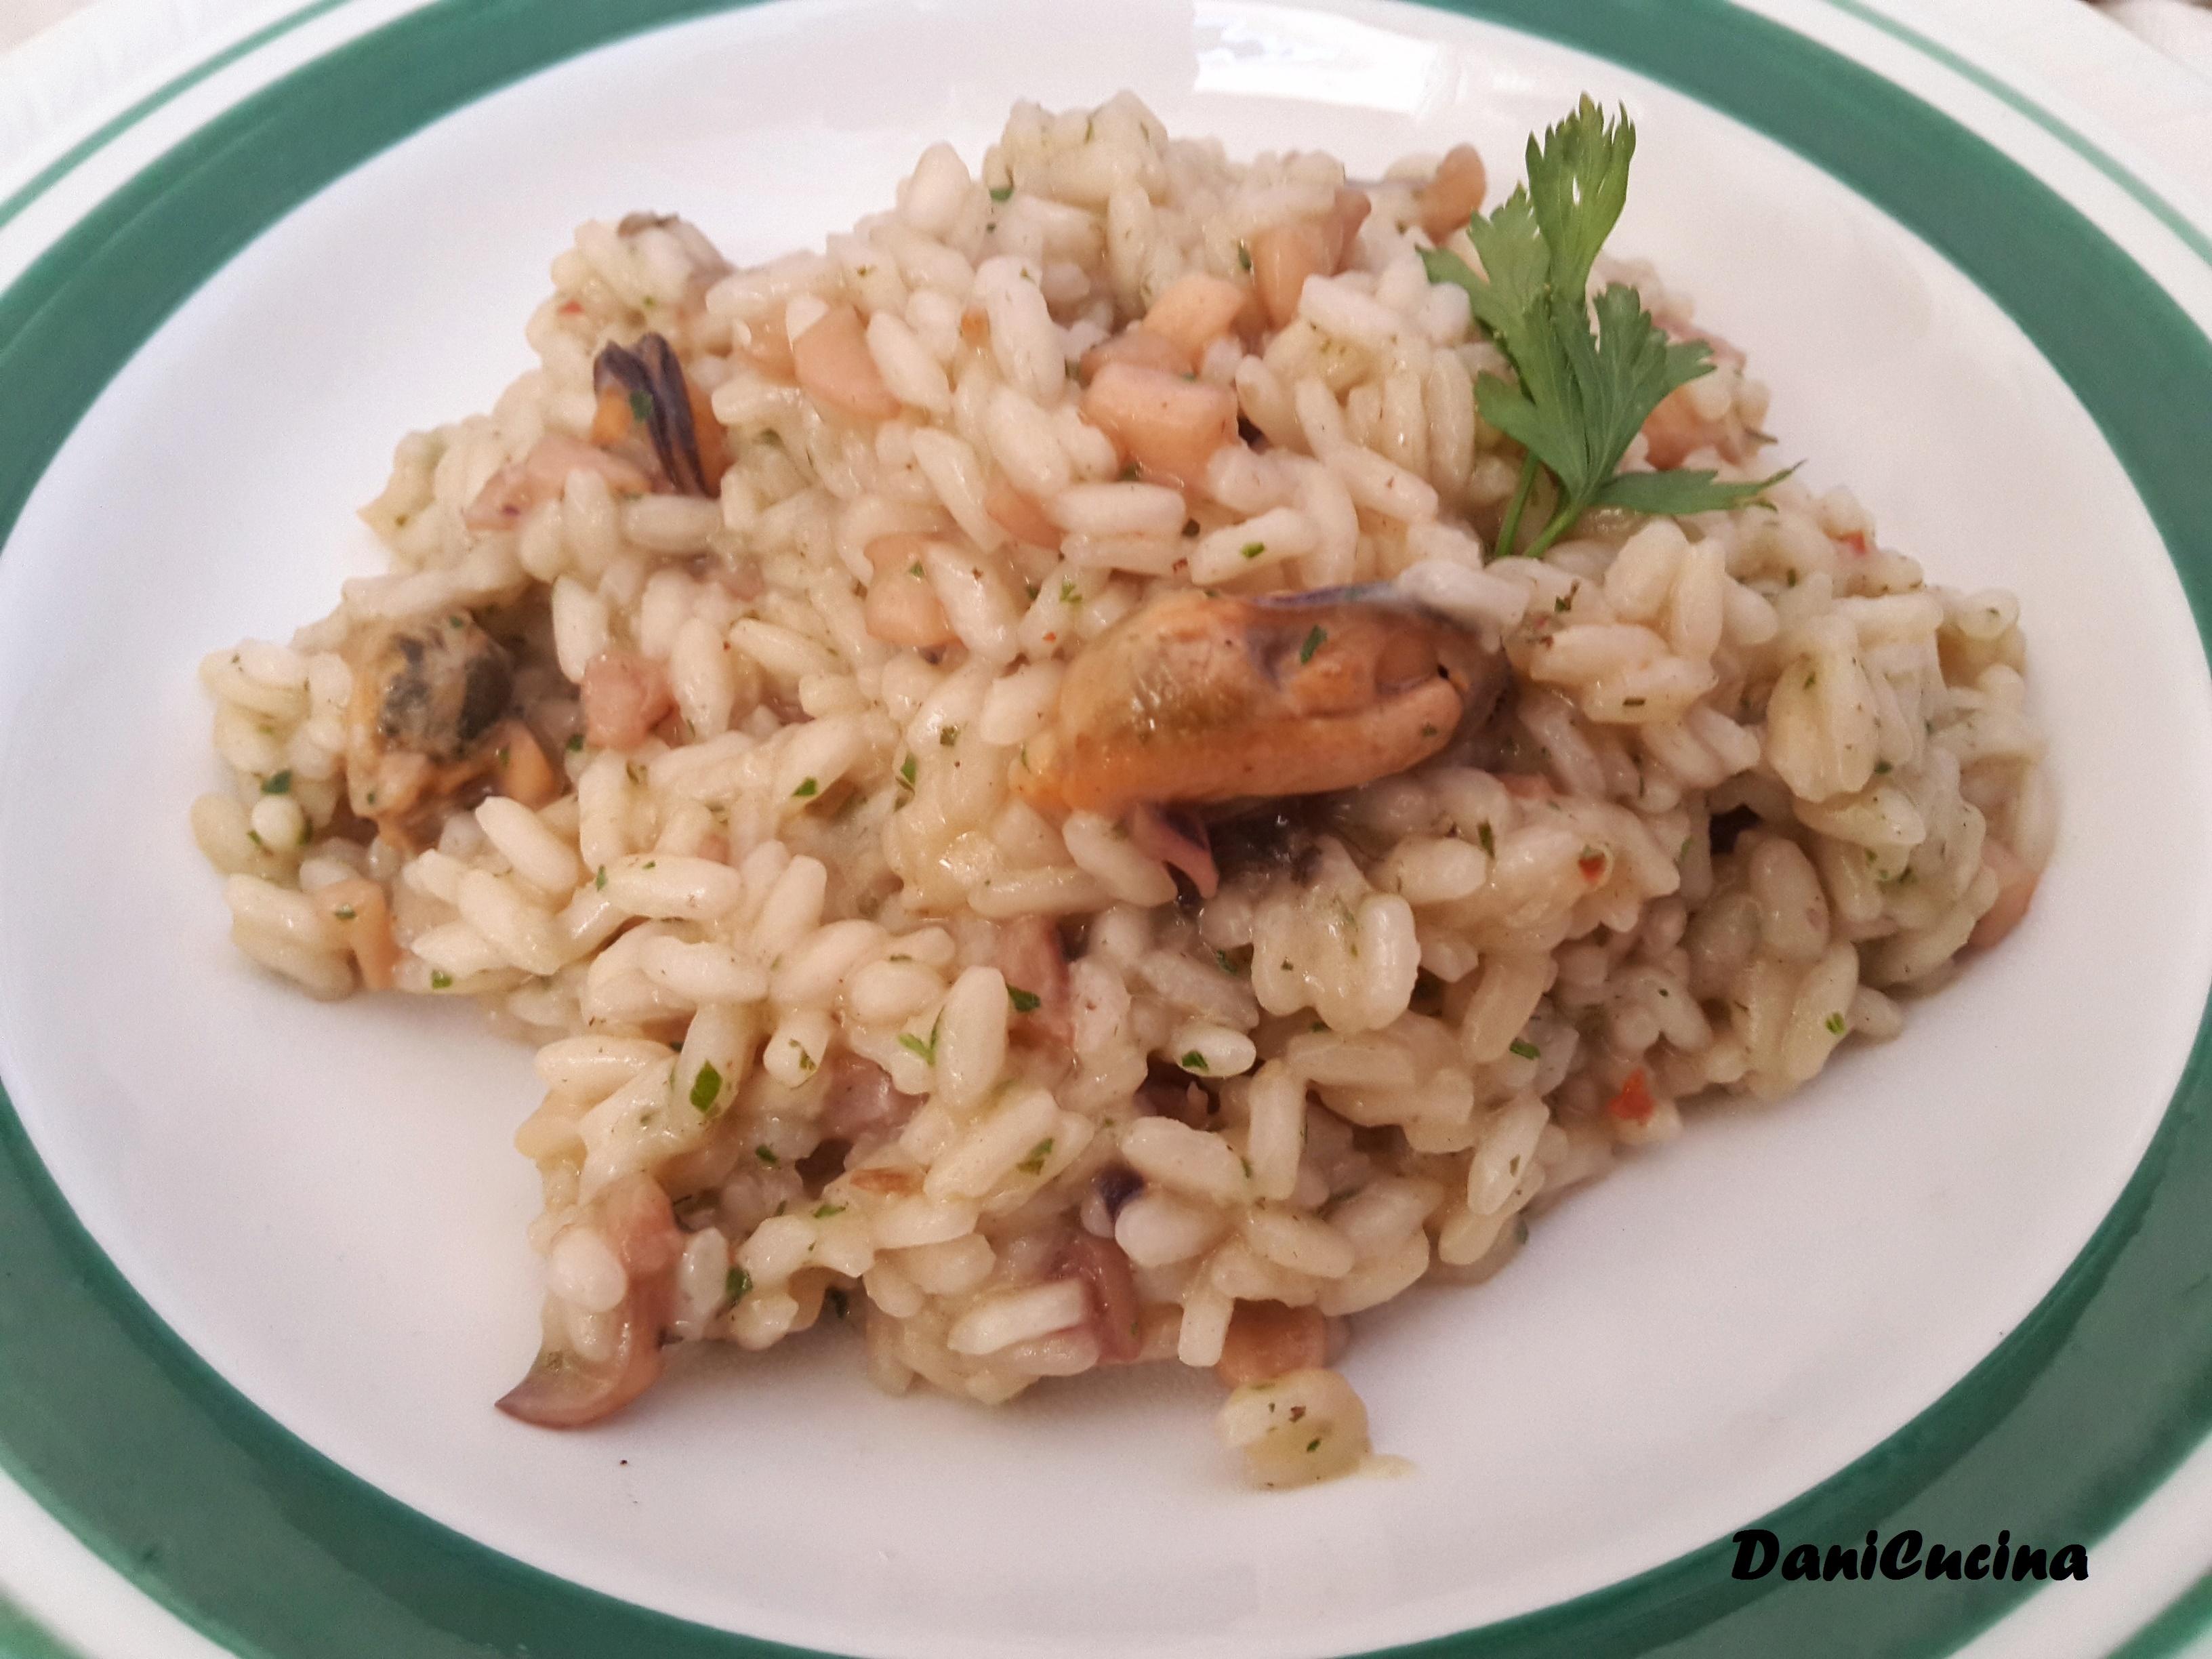 Risotto di mare con pesce surgelato - ricetta per farlo a casa